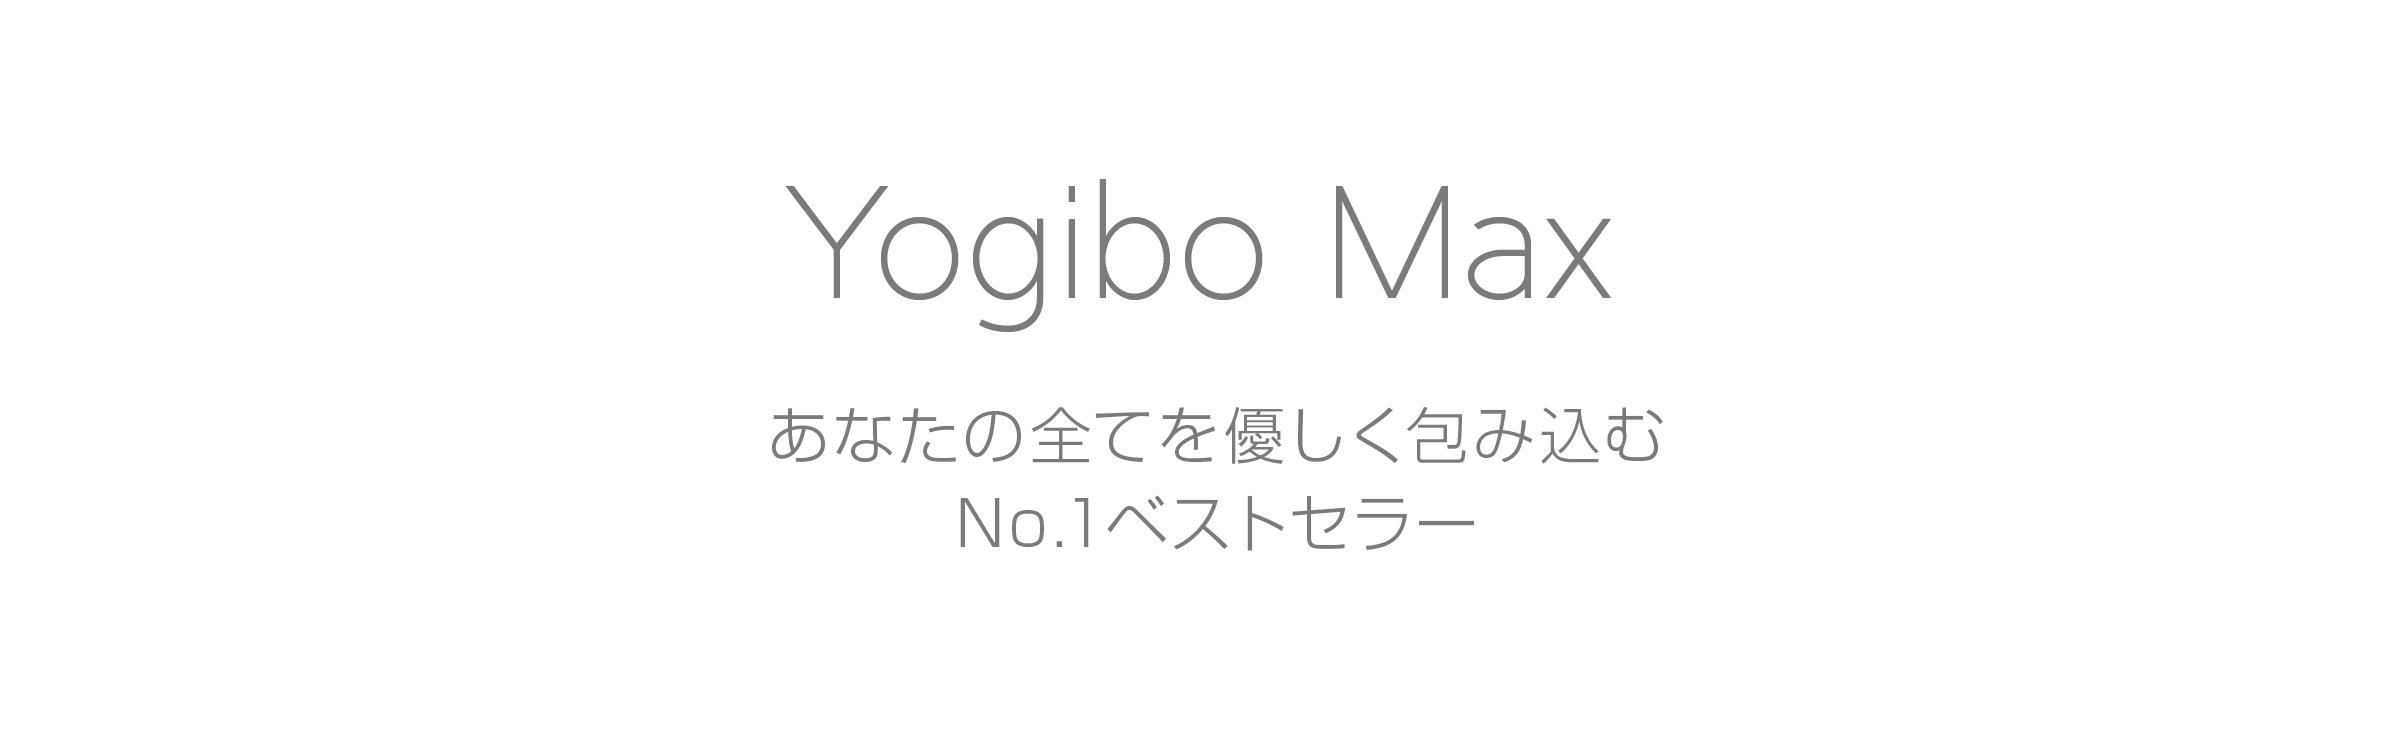 Yogibo Max ���ʤ������Ƥ�ͥ������߹���No.1�٥��ȥ��顼